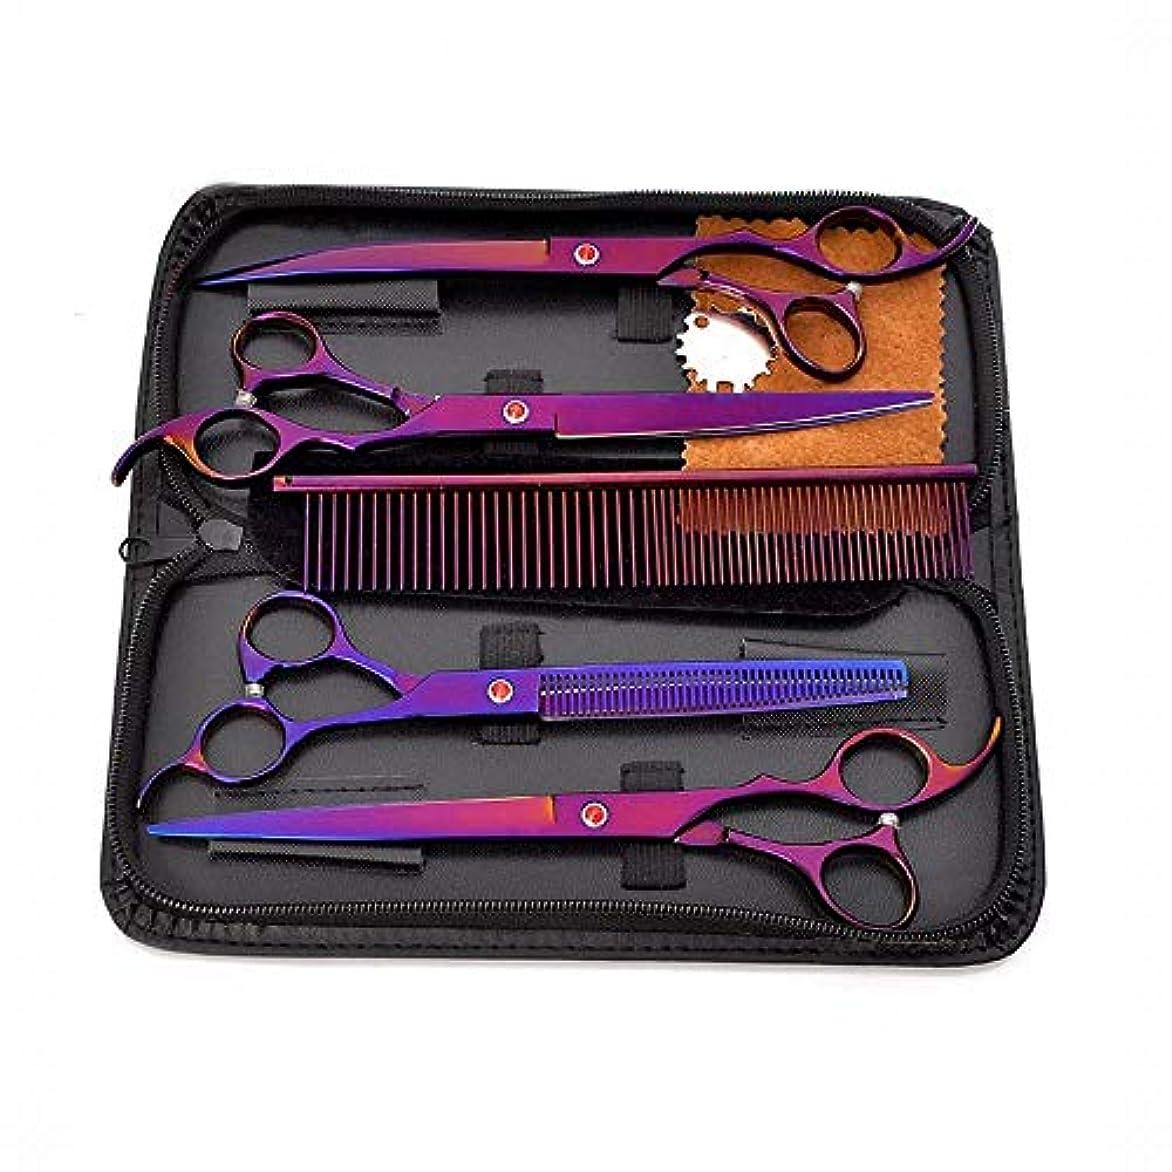 山岳フォーラム暗くするGoodsok-jp 8インチペットグルーミングシザーセット4ステンレス鋼紫ペットプロ美容セットフラットせん断+歯のはさみ (色 : 紫の)